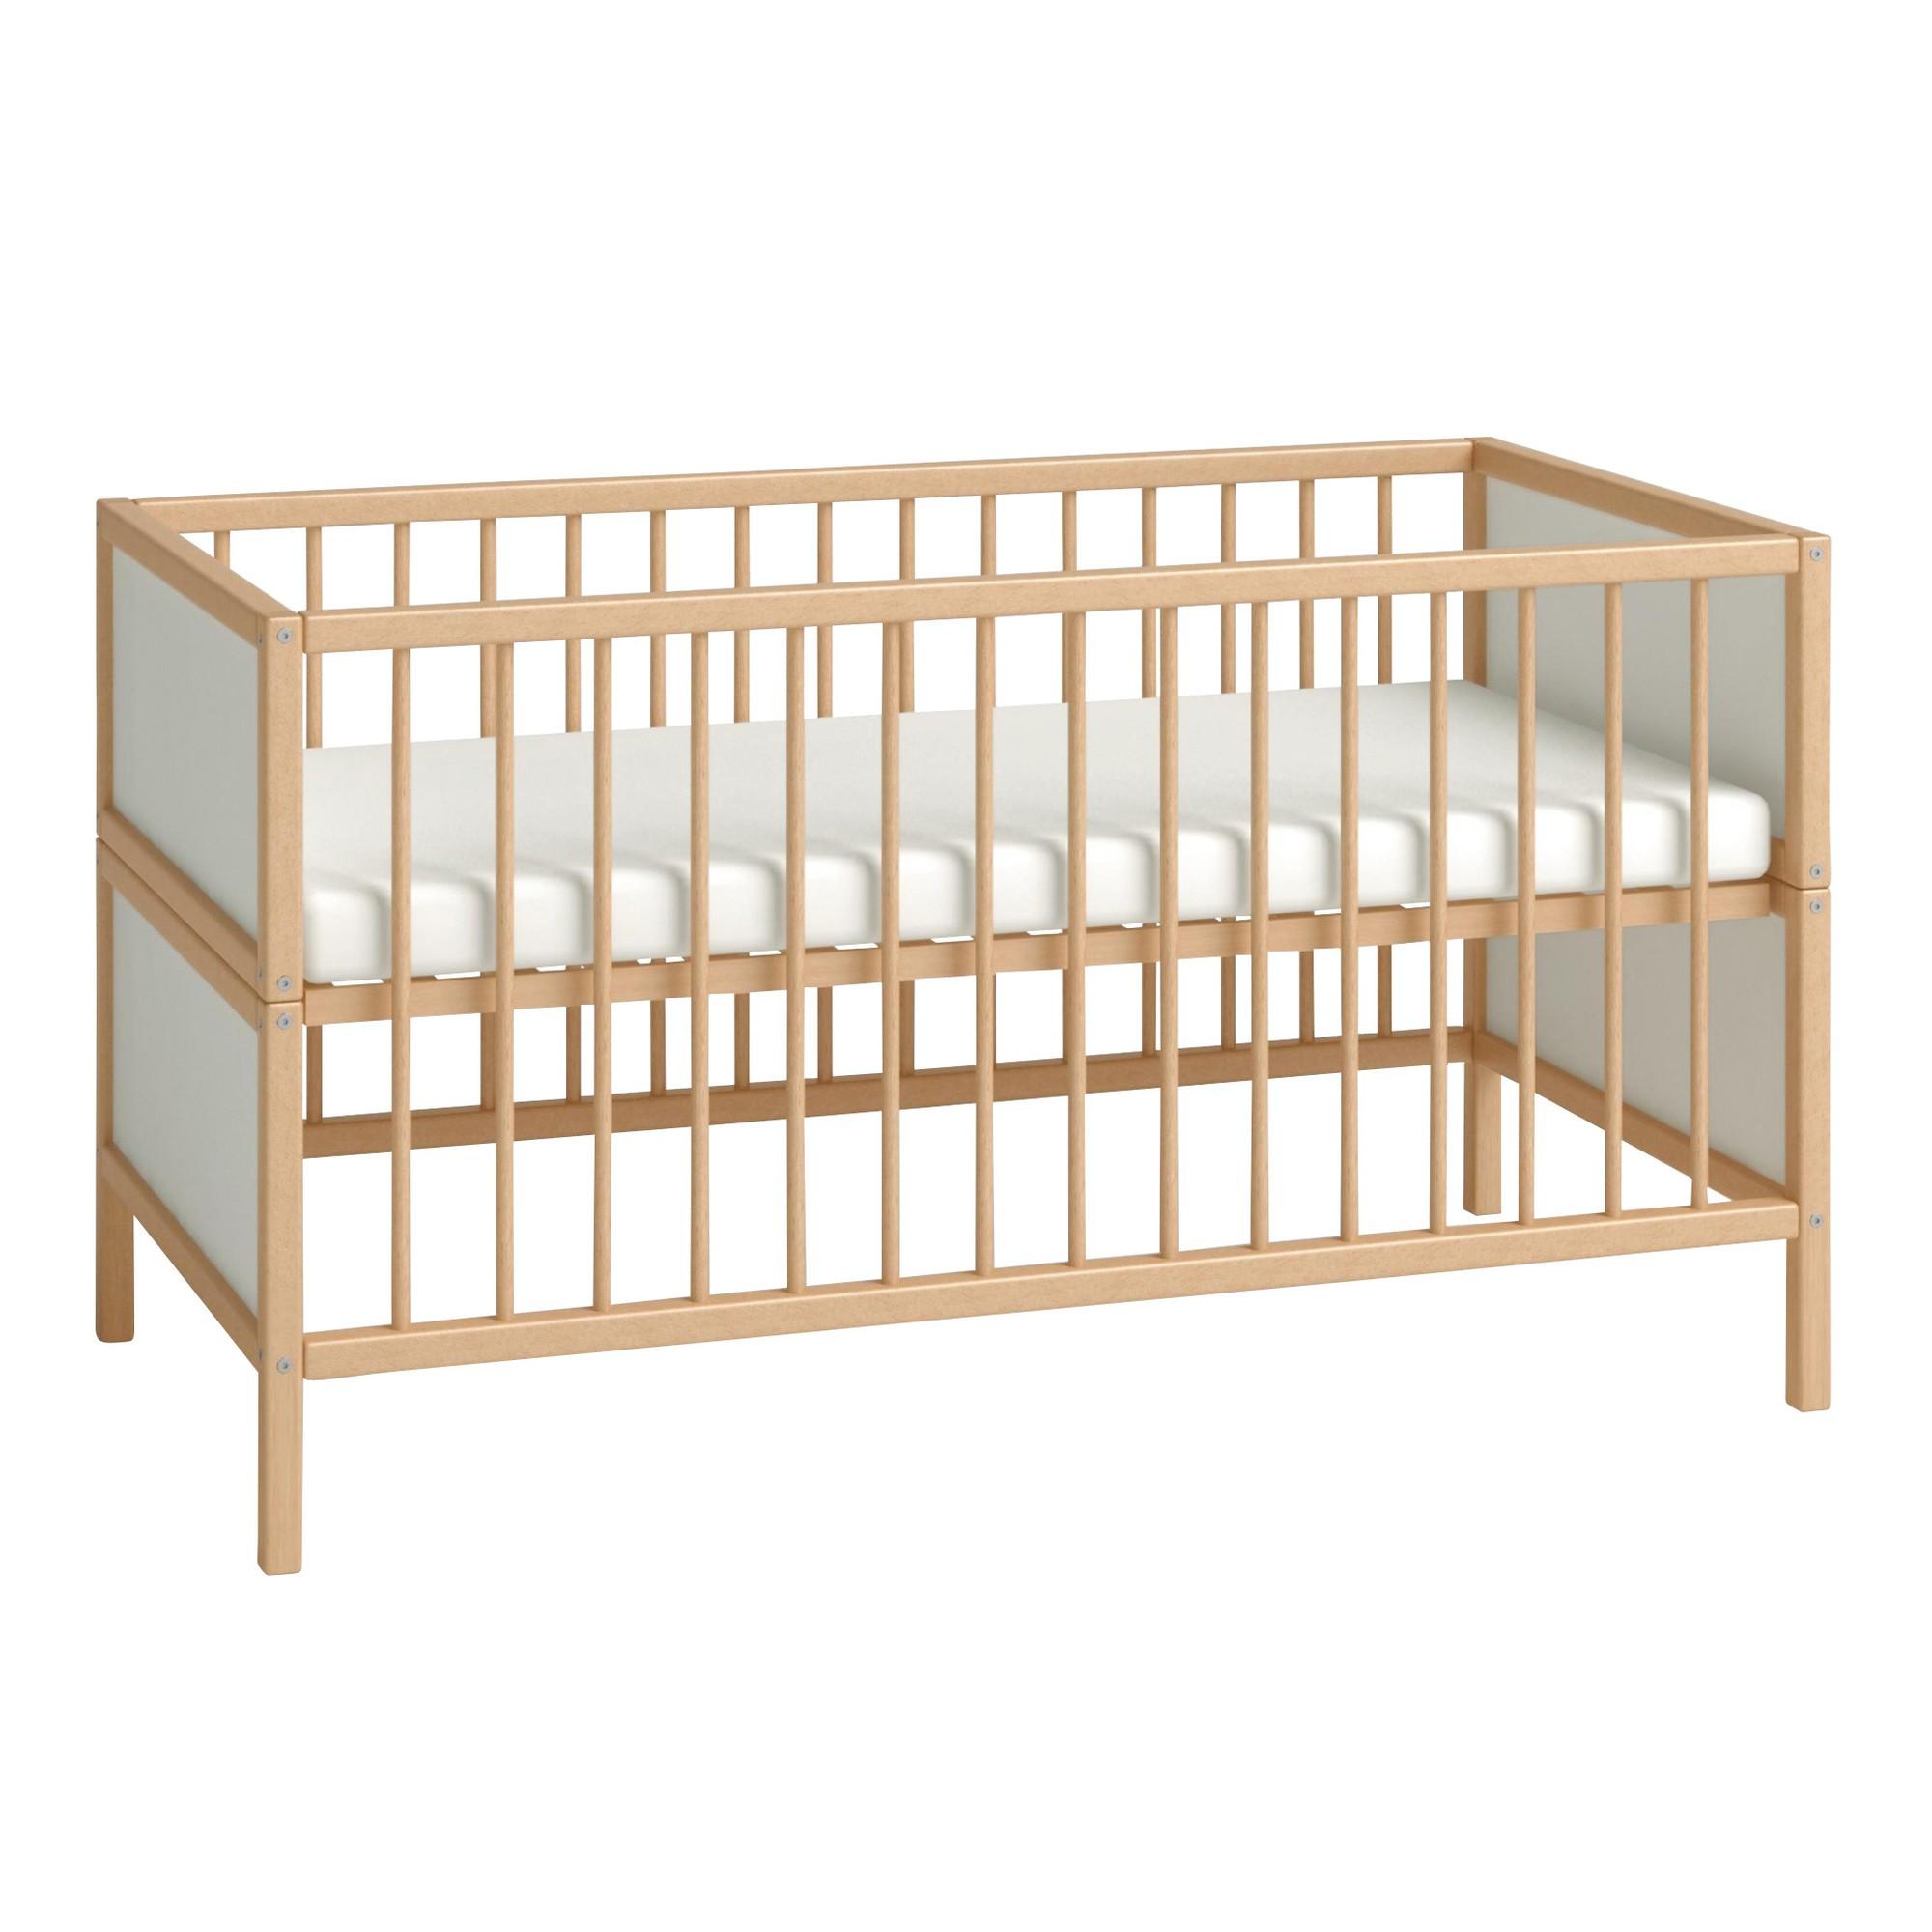 Flötotto Profilsystem Baby Bed/Junior Bed | AmbienteDirect